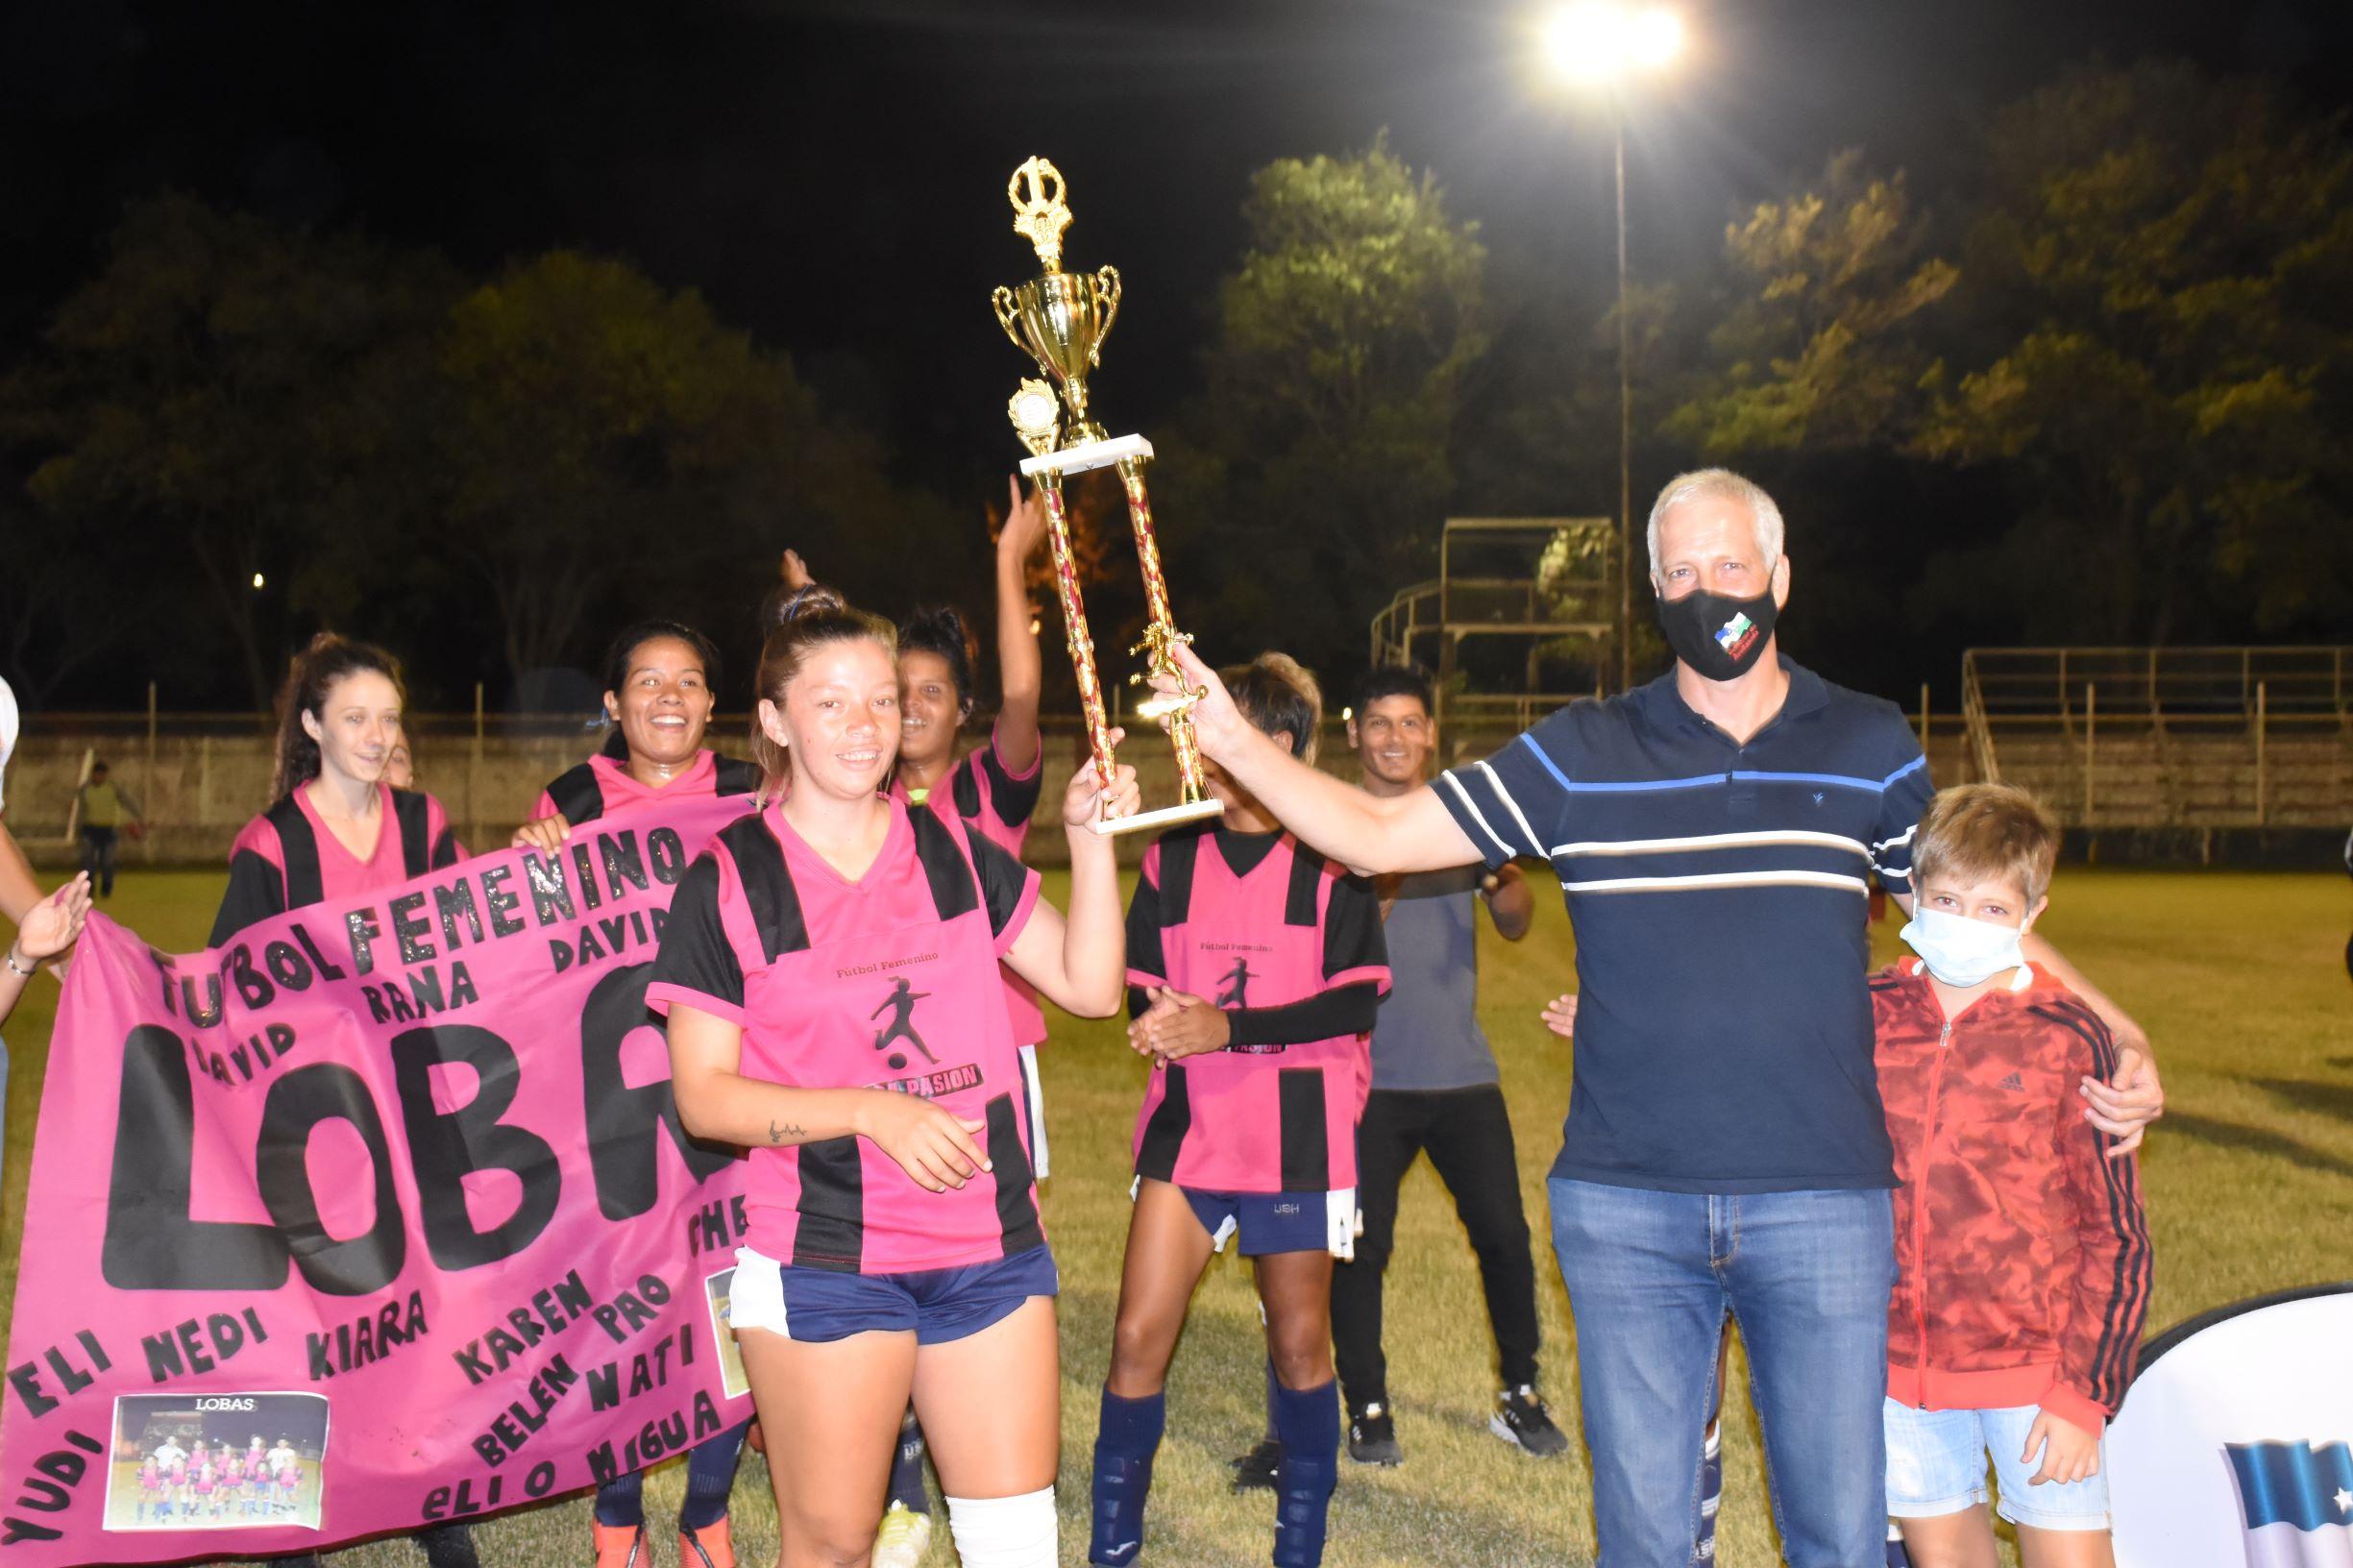 Mes de la Mujer: el equipo Las Lobas ganó el torneo de Fútbol Femenino